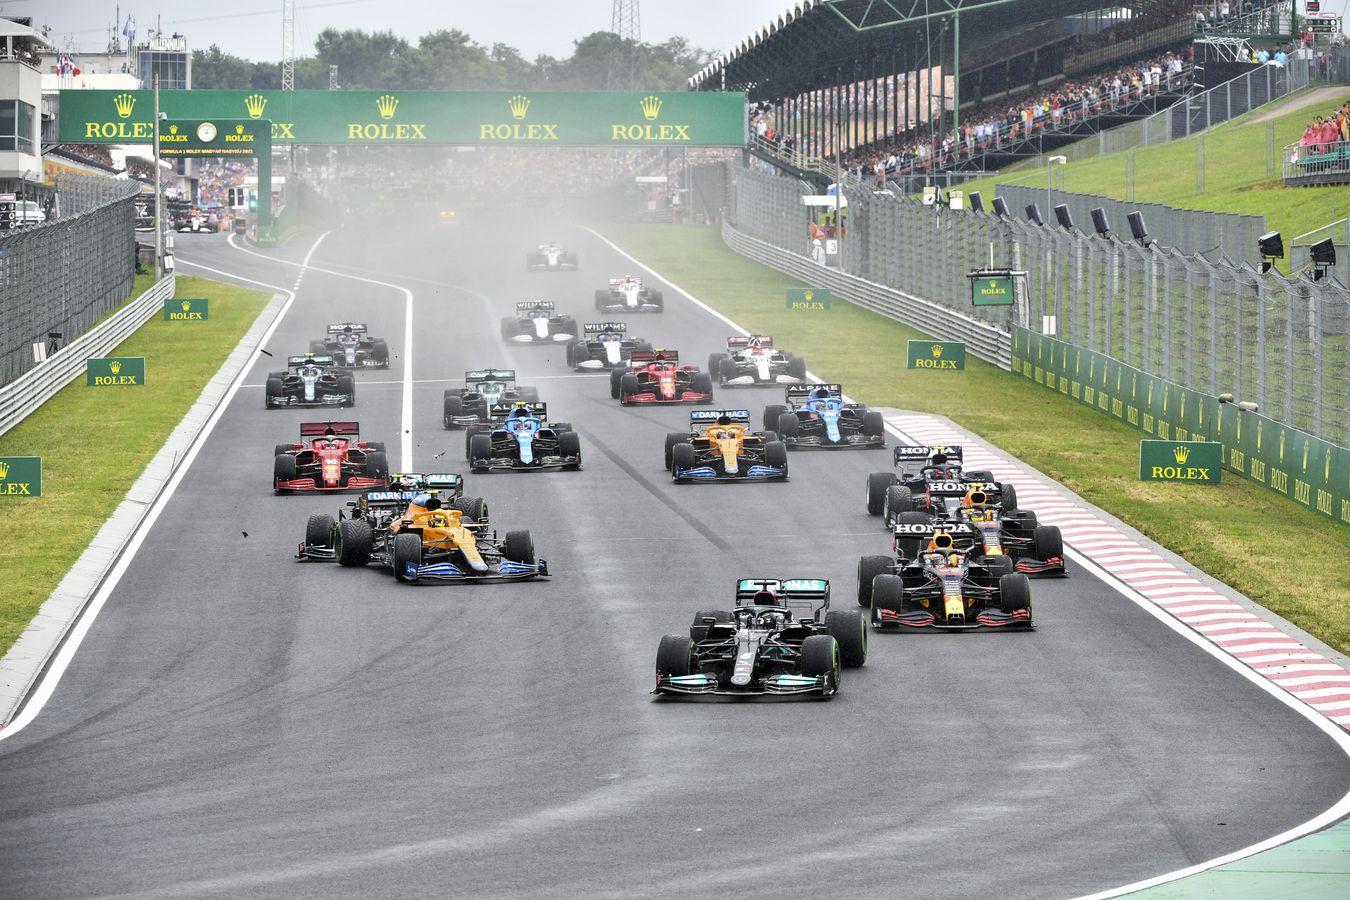 Domingo en Hungría – McLaren, perjudicado por la vuelta 1